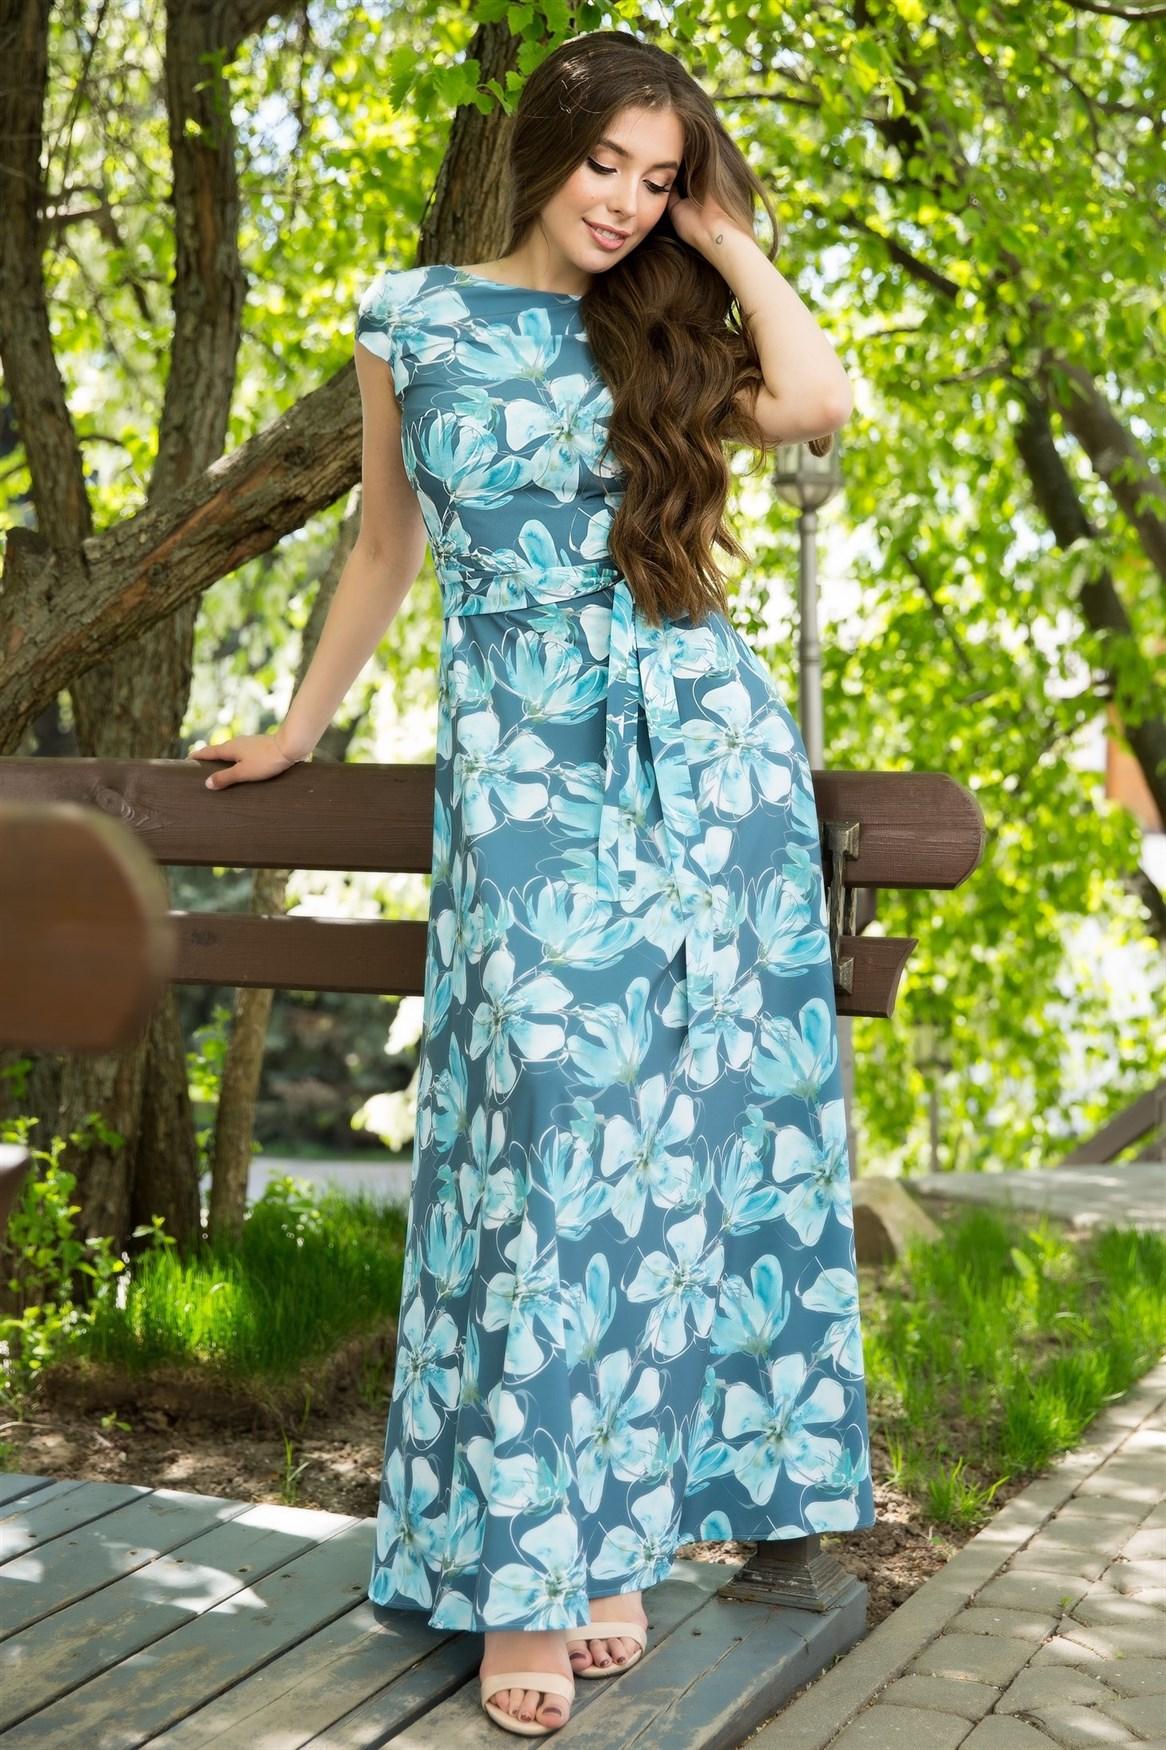 67-07 Длинное платье - фото 8445